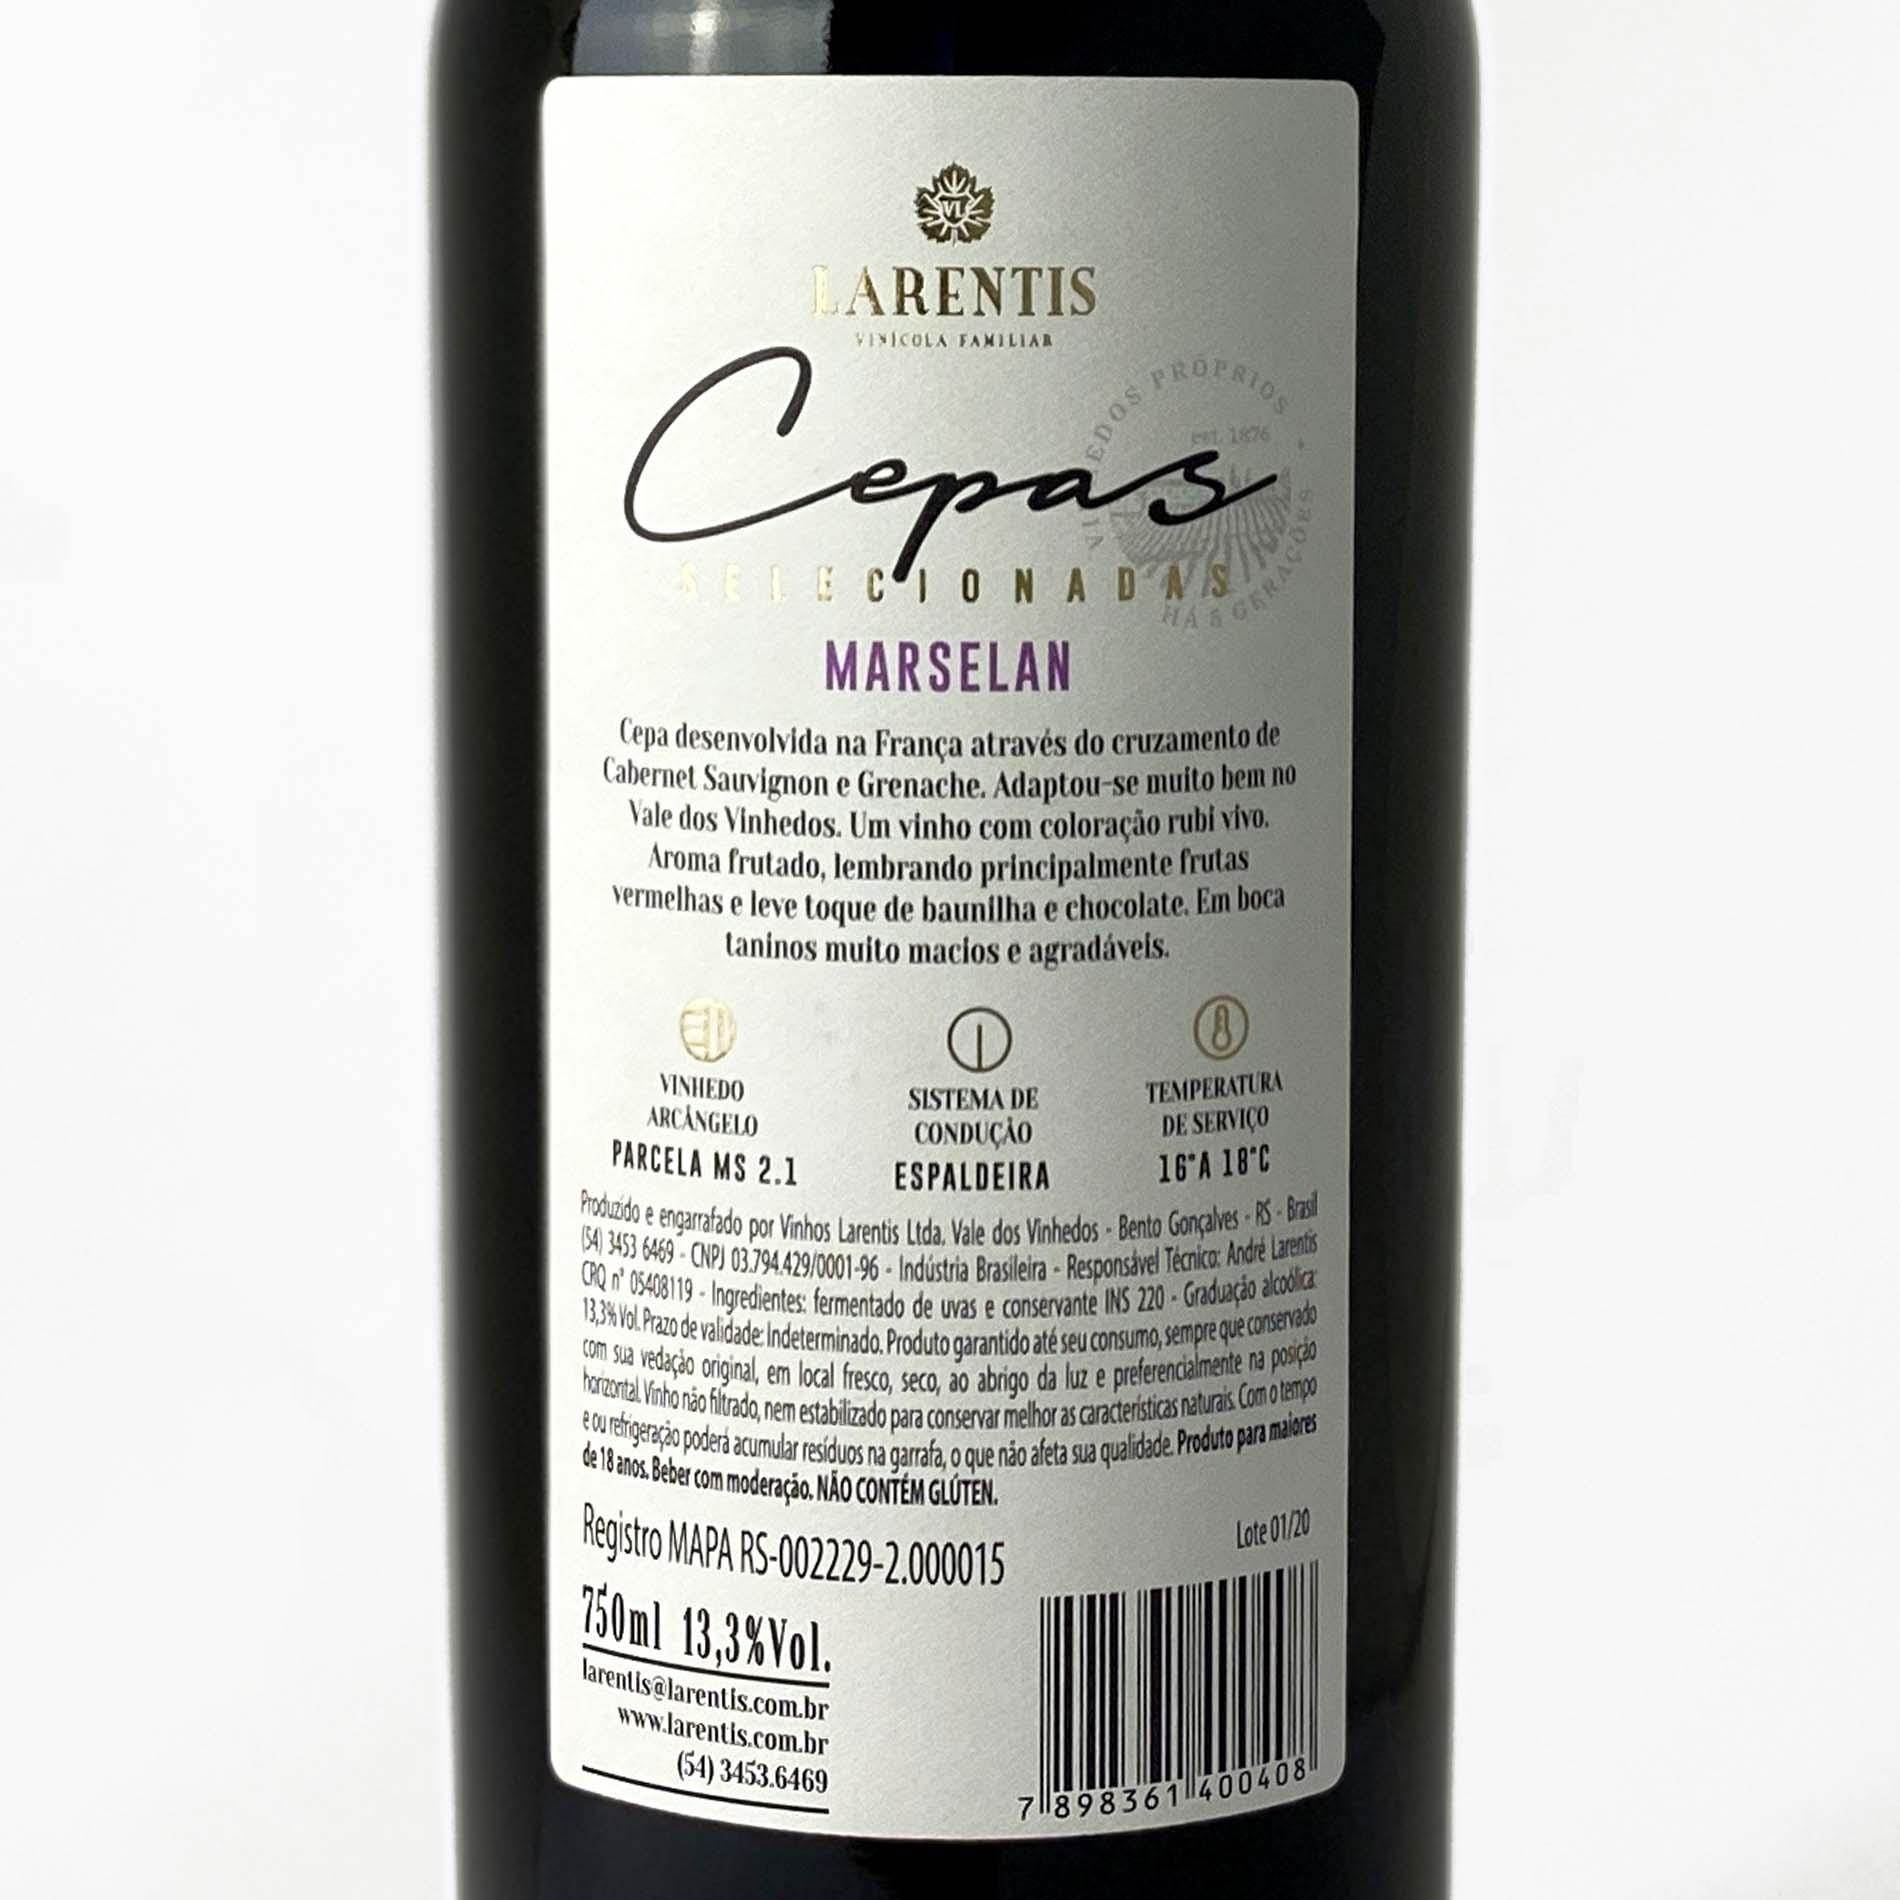 Larentis Cepas Selecionadas Marselan  - Vinerize